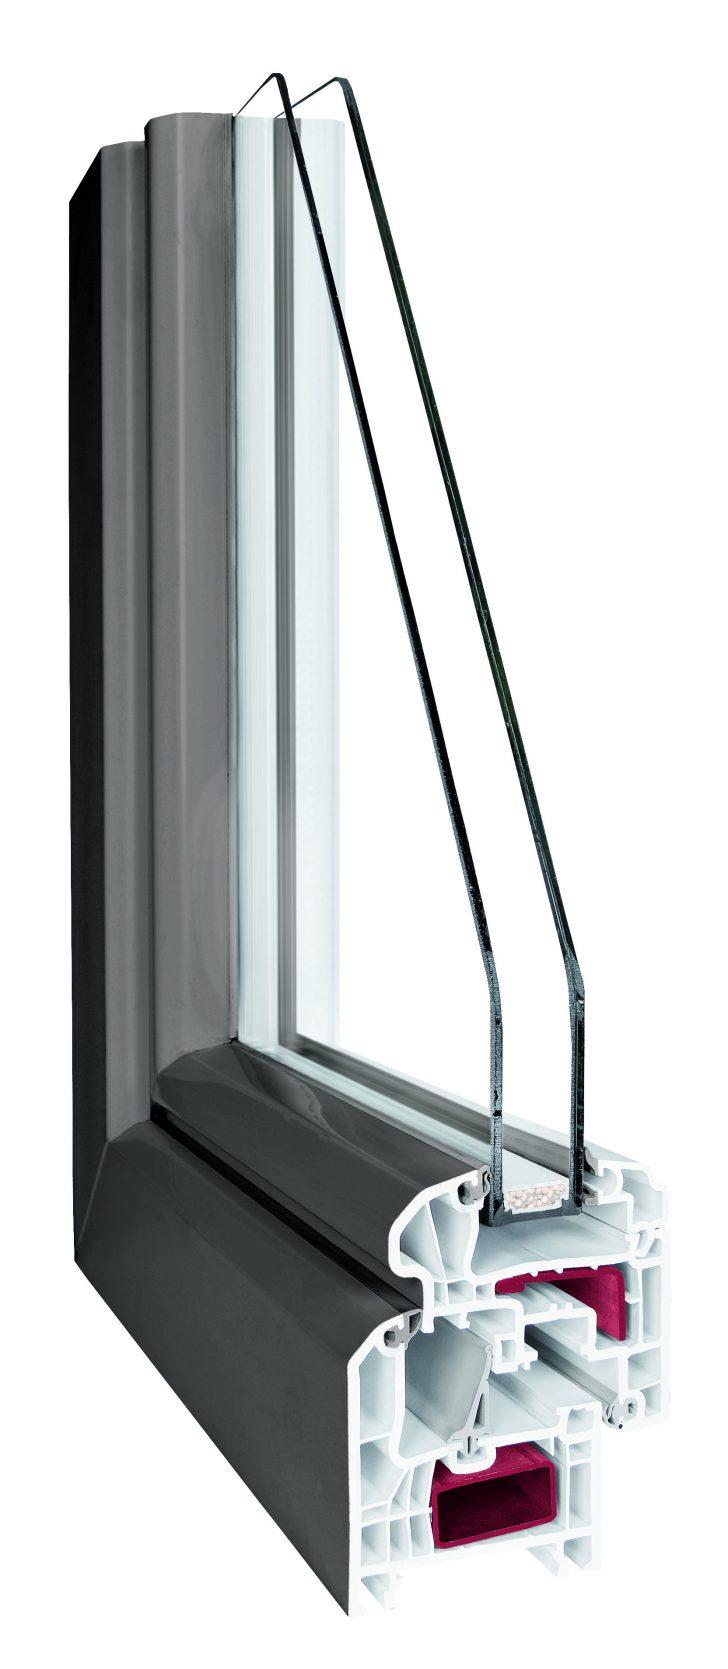 Medium Size of Sichtschutzfolie Für Fenster Trocal Insektenschutz Einbruchschutz Konfigurator Anthrazit Folie Rollo Abus Sicherheitsfolie Einbruchsicherung Fliegengitter Fenster Kunststoff Fenster